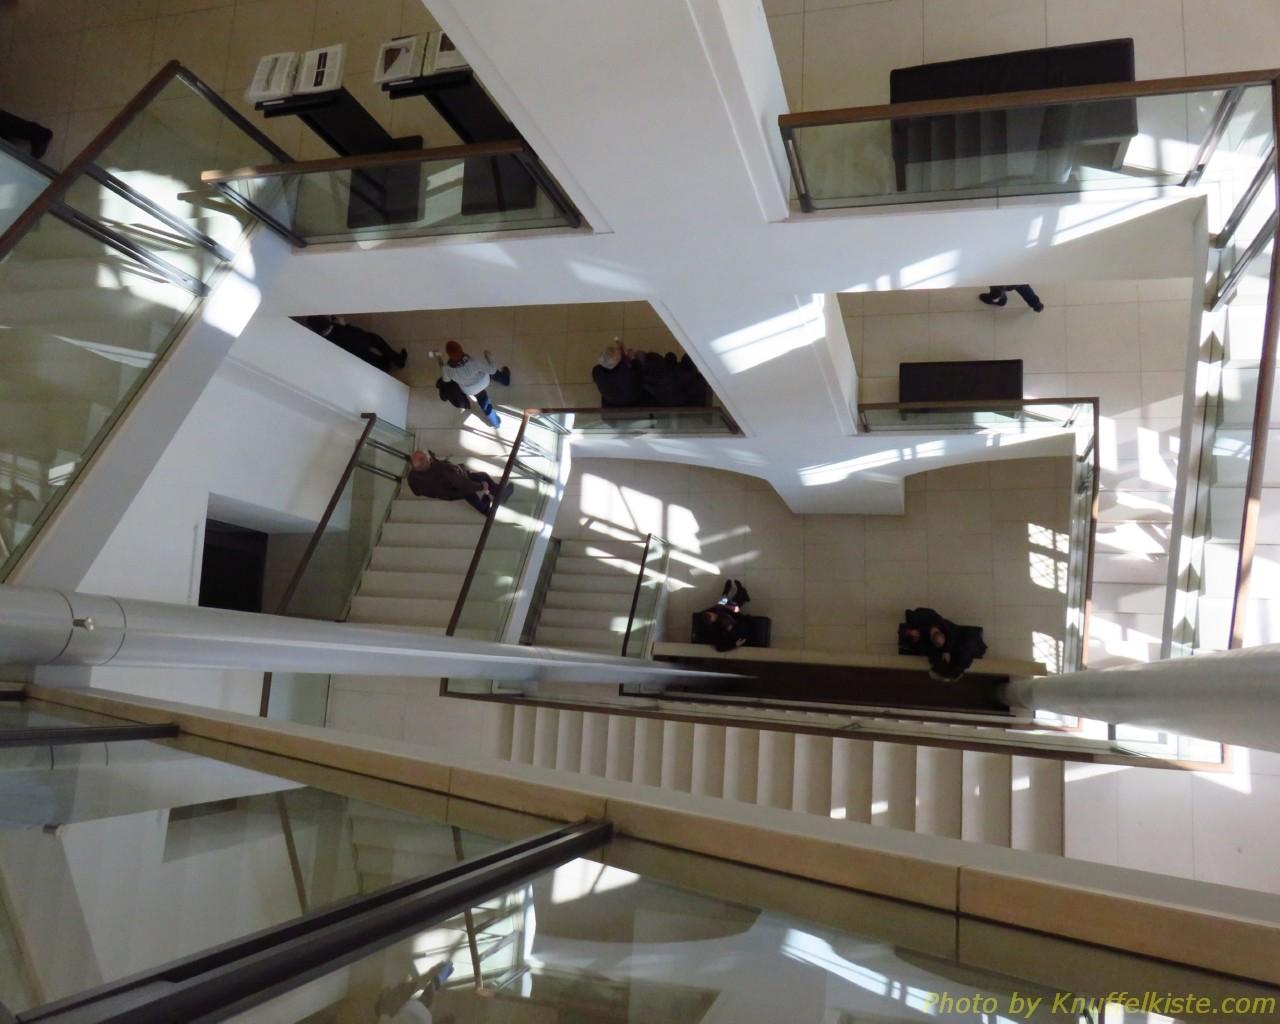 Treppenhaus von oben nach unten fotografiert